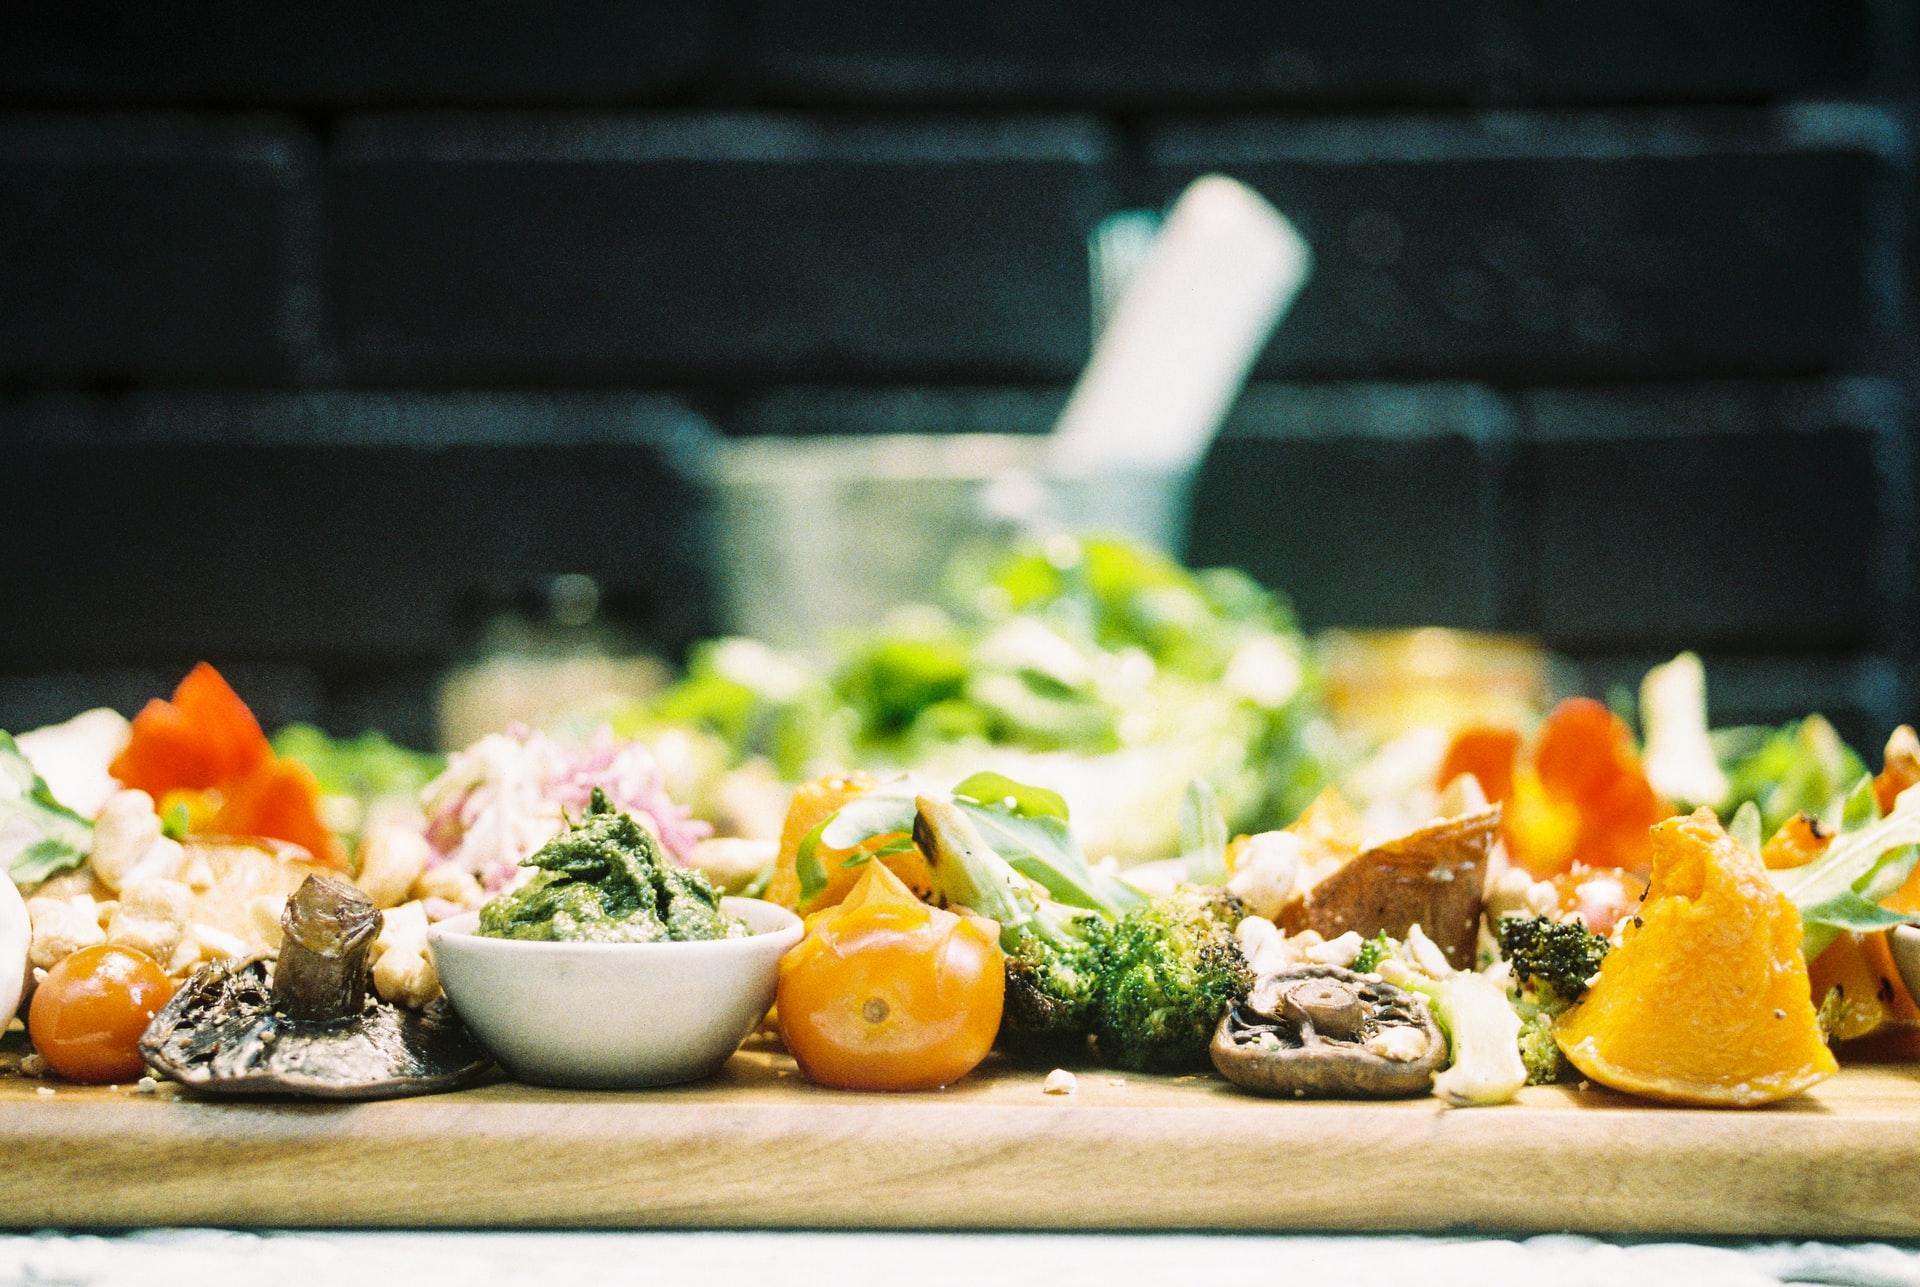 オーガニックな野菜たち